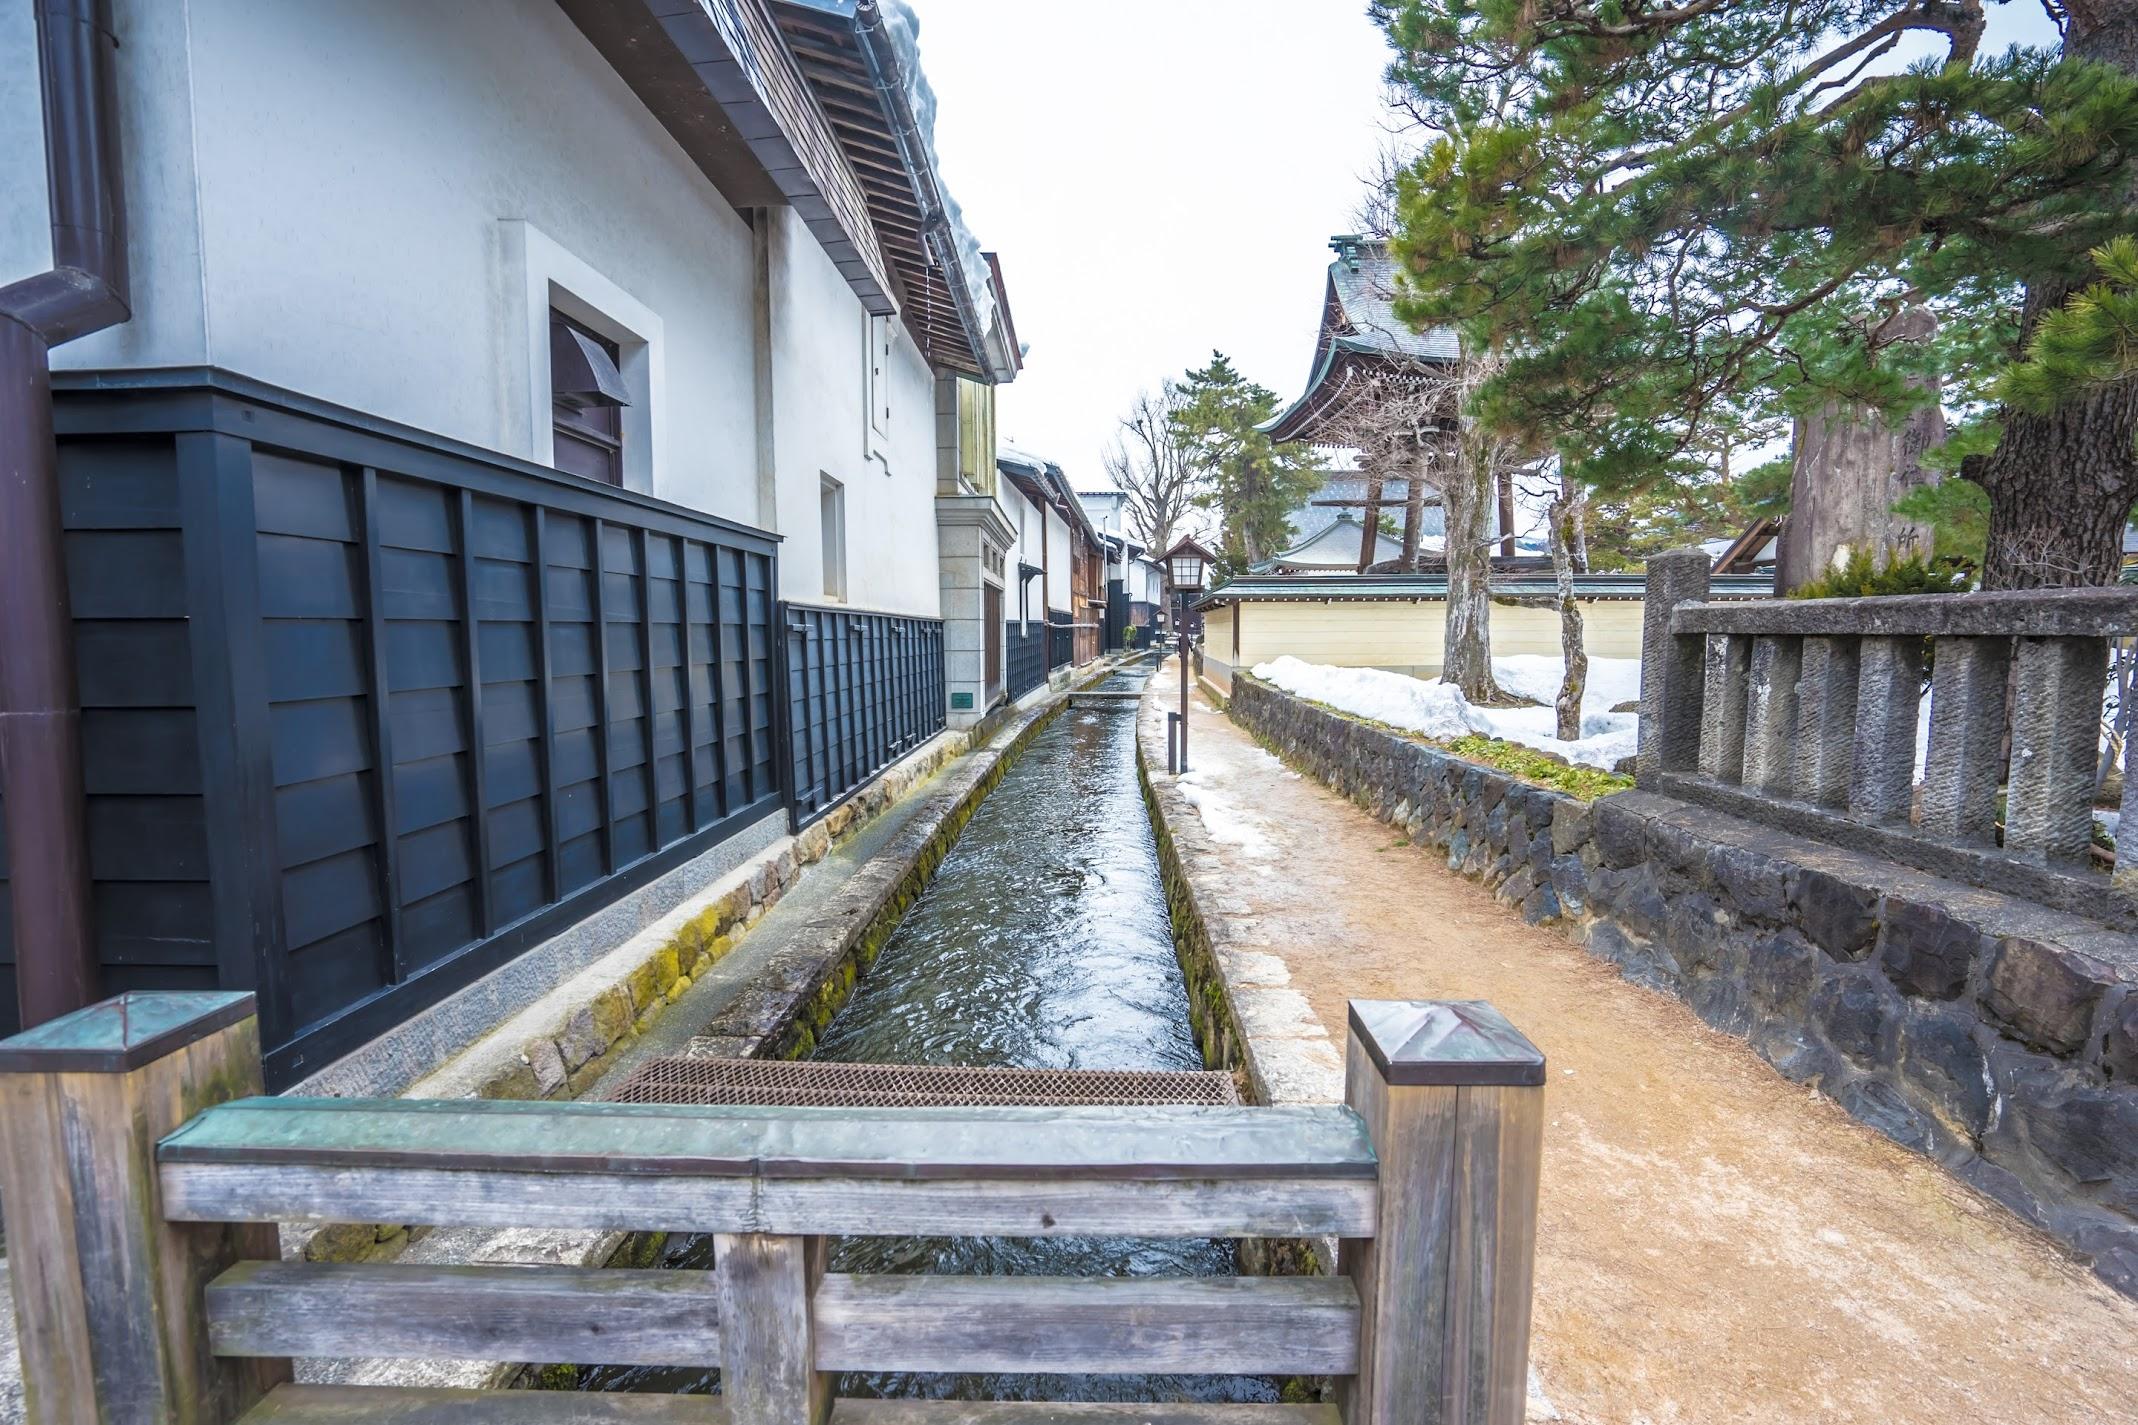 飛騨古川 白壁土蔵街3